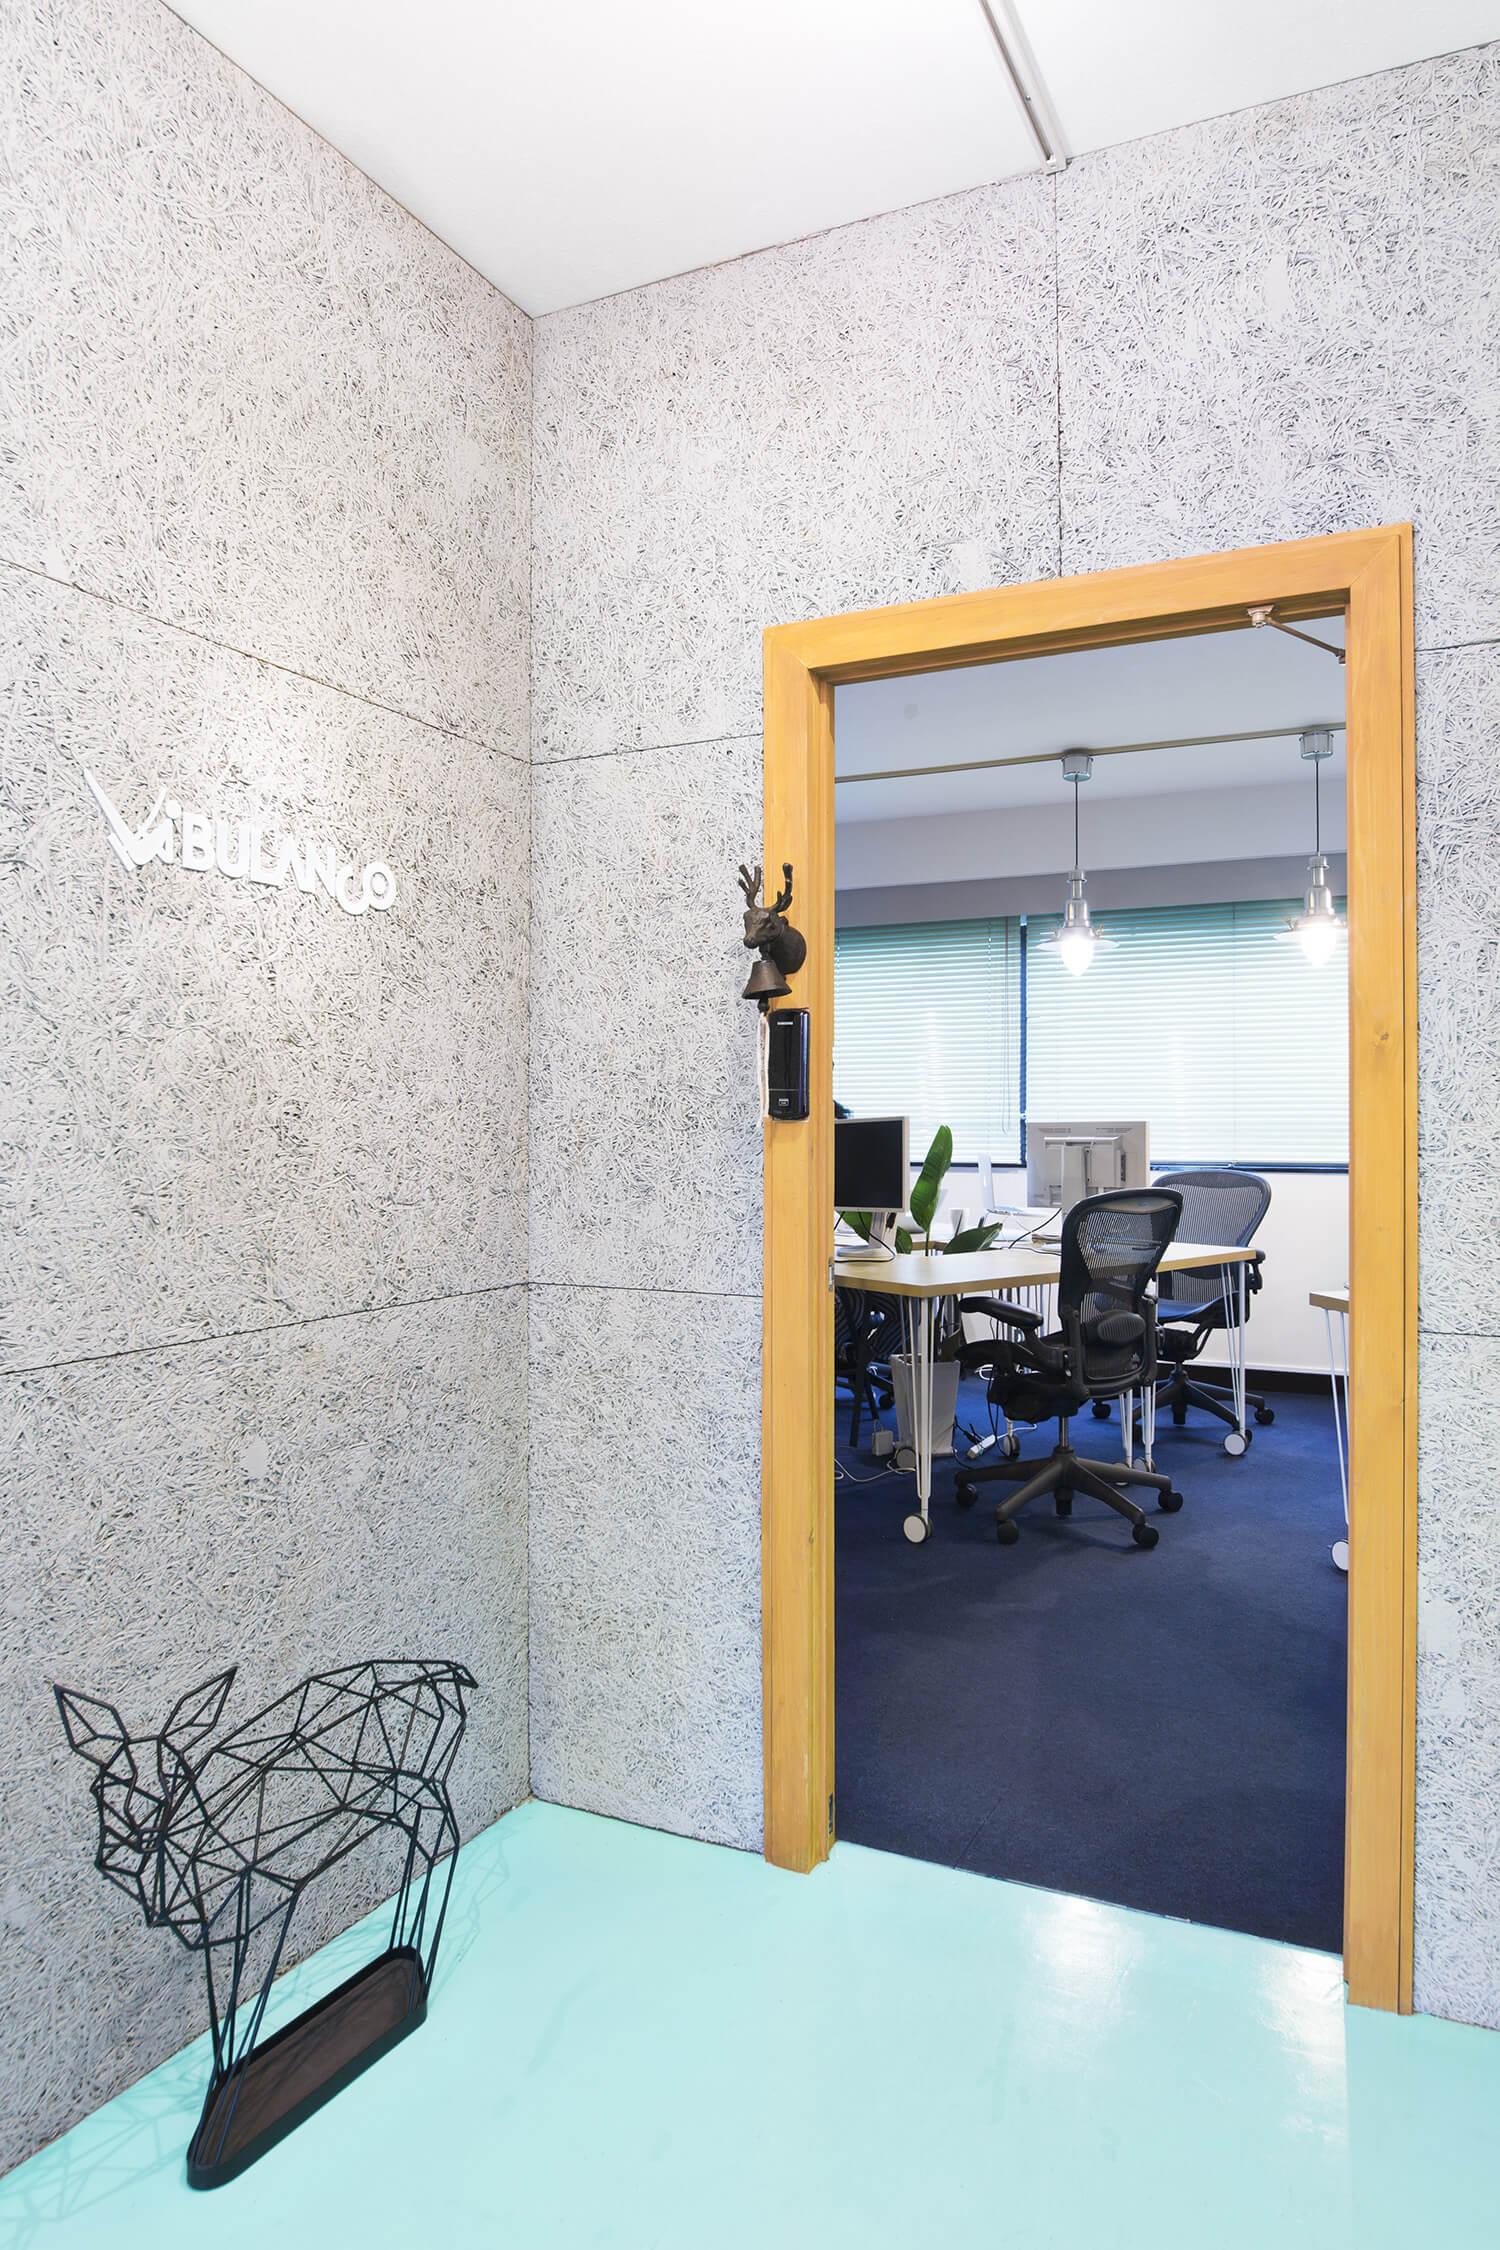 2014年8月の移転に際して、事務所のインテリアデザインを行いました。